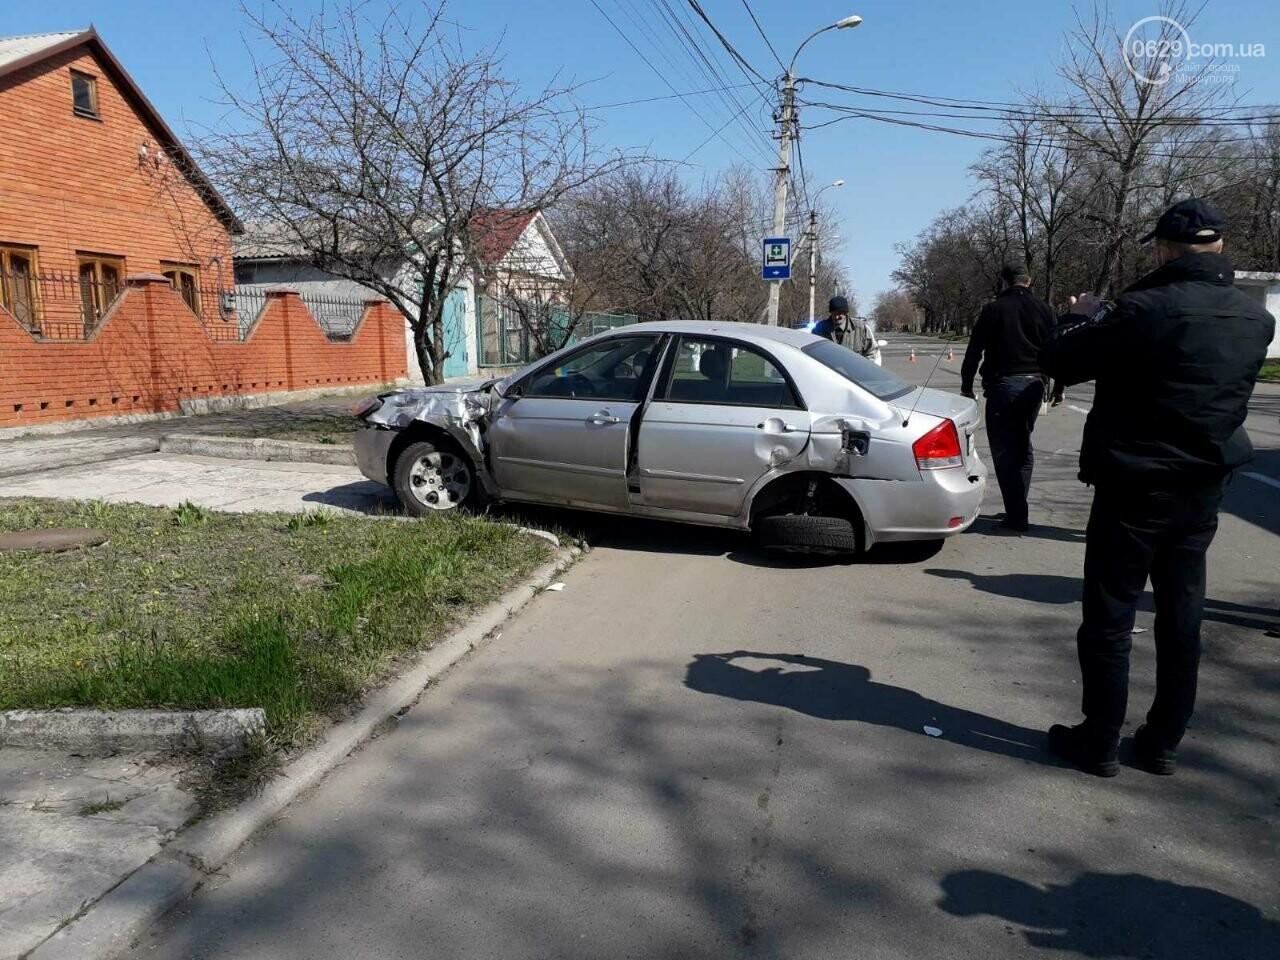 Тройное ДТП с пострадавшими. В Мариуполе столкнулись две легковушки и грузовик,  - ФОТО, фото-9